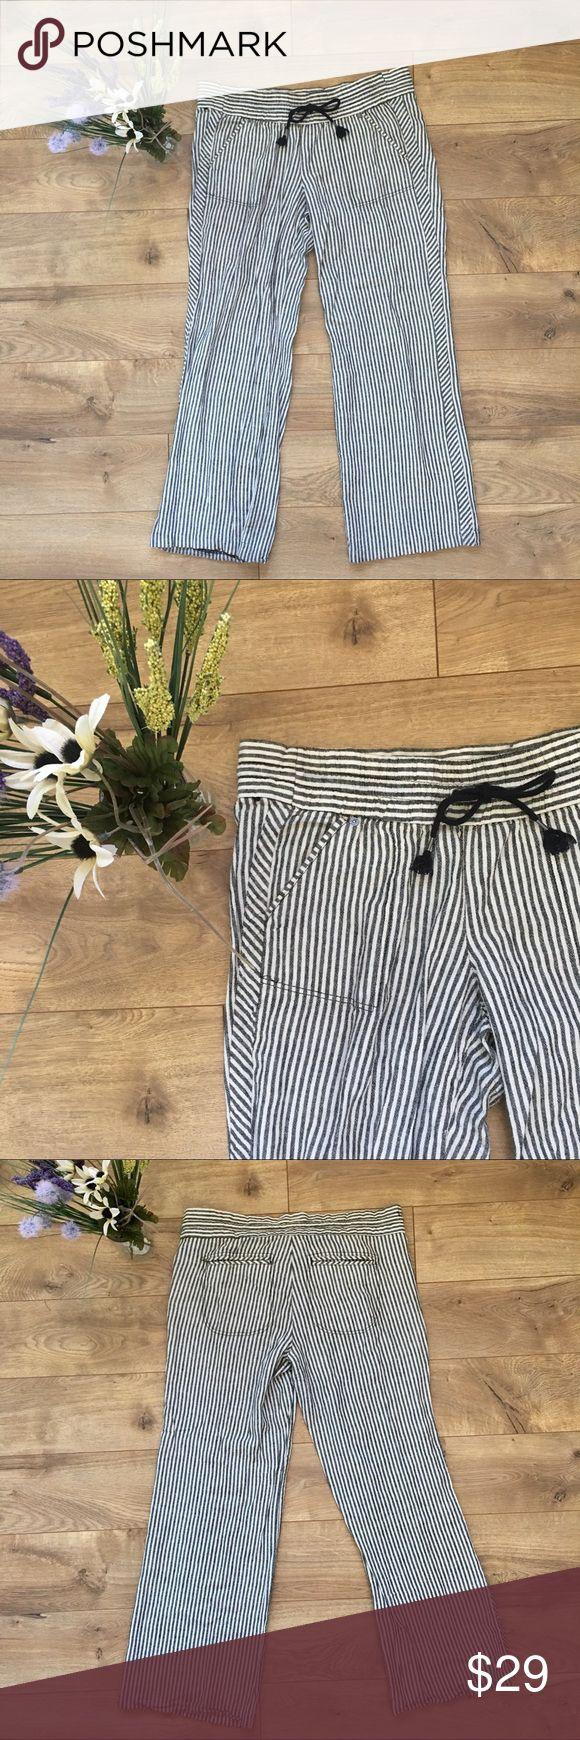 JOLT Linen Seersucker Pants - 13 JOLT Linen Seersucker Pants - 13. 55% Linen 45% cotton. Wide leg. Two pockets in front and two in rear. Only worn twice. Great condition. Smoke free home. Jolt Pants Wide Leg